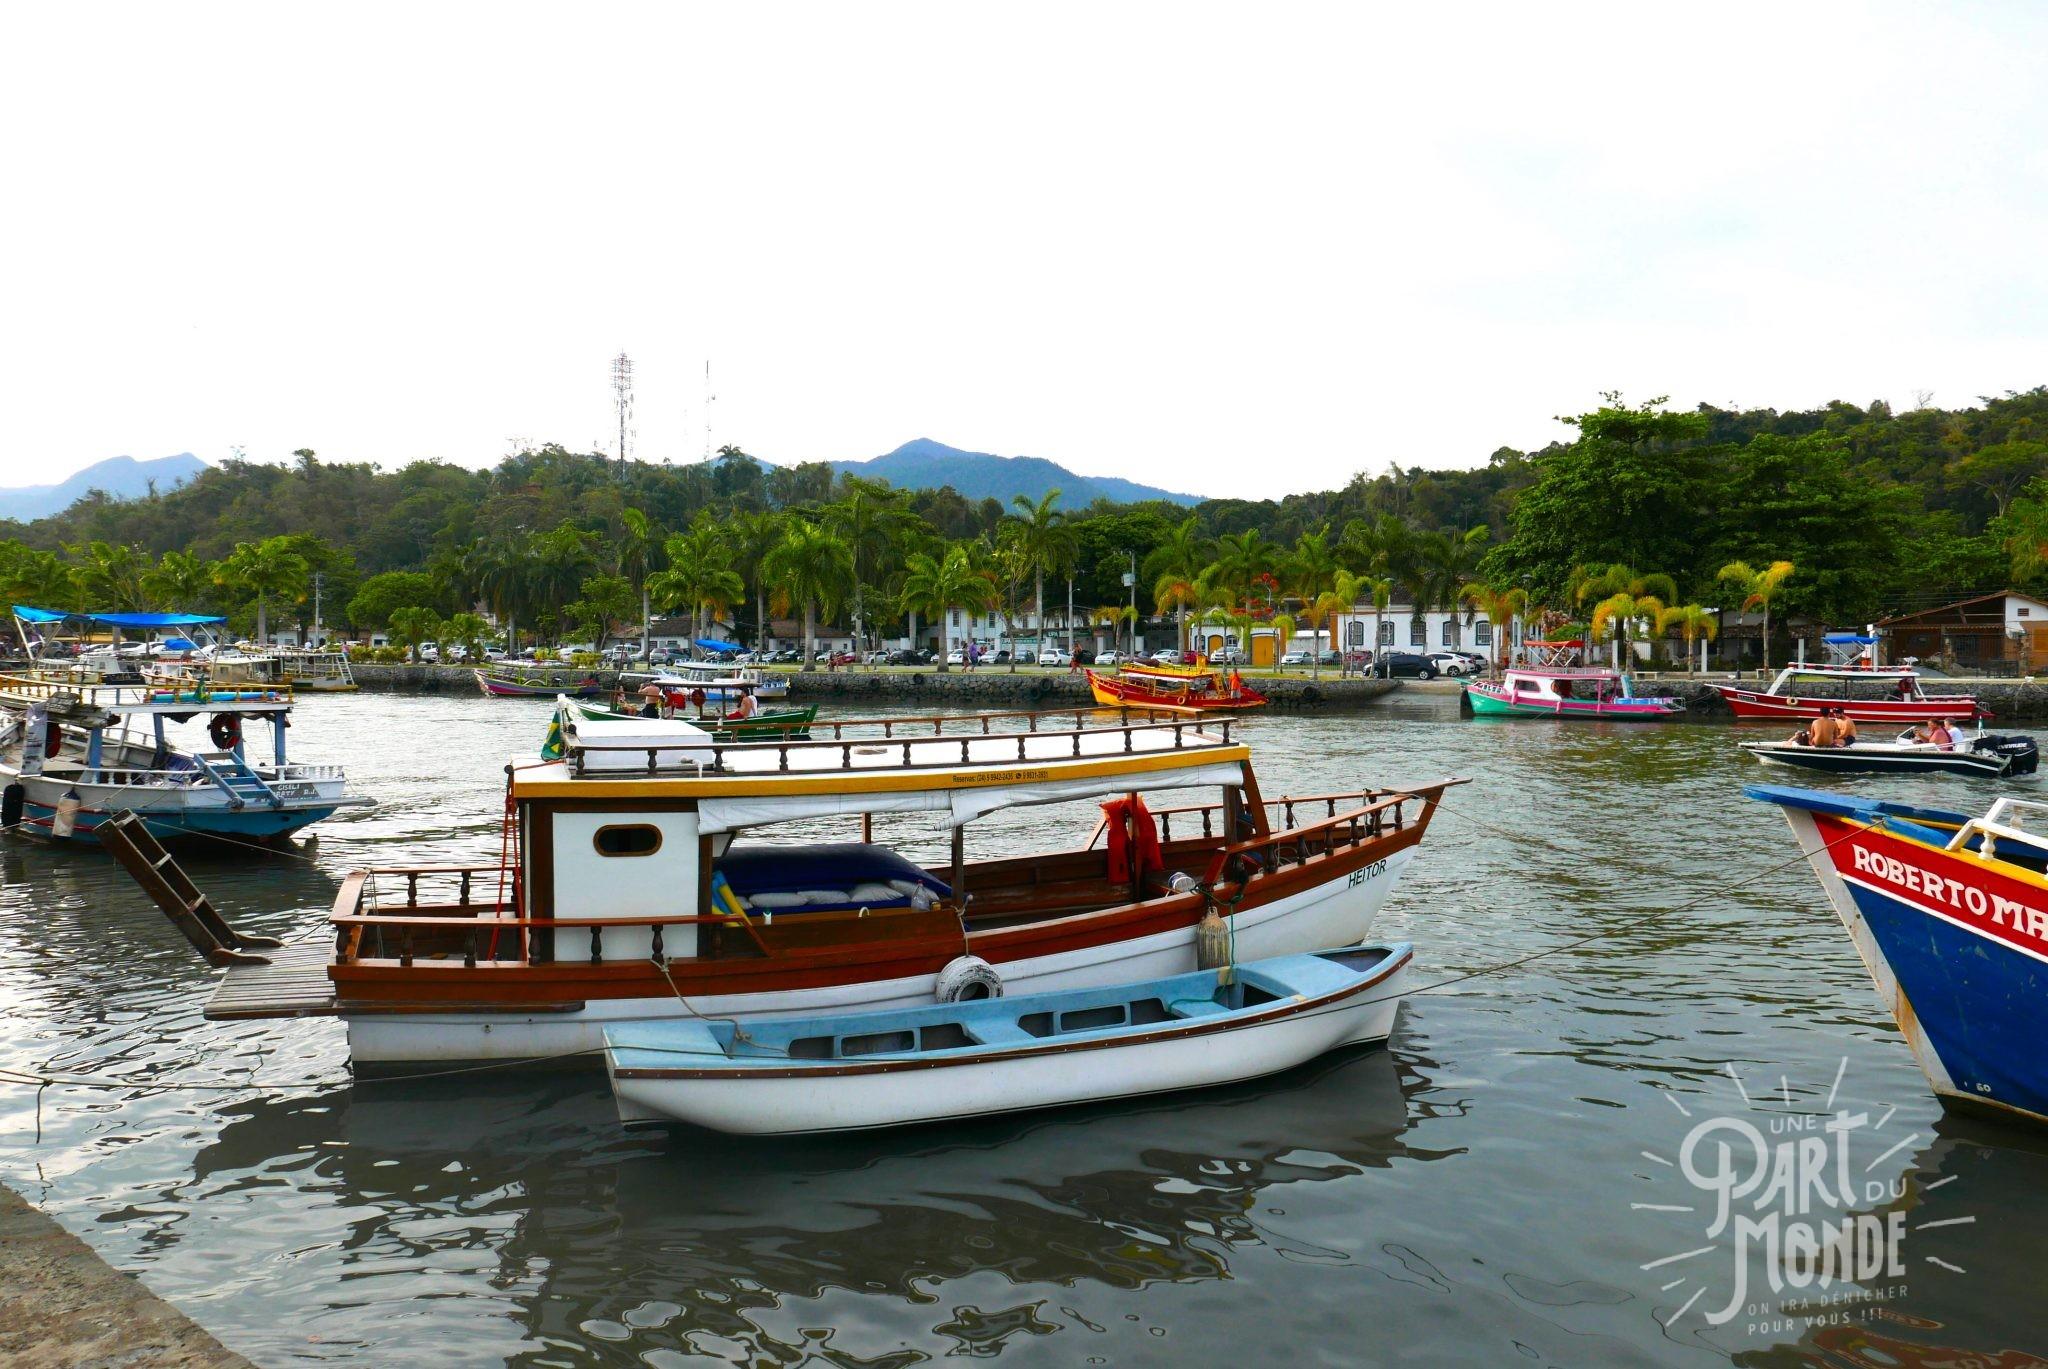 bateaux paraty